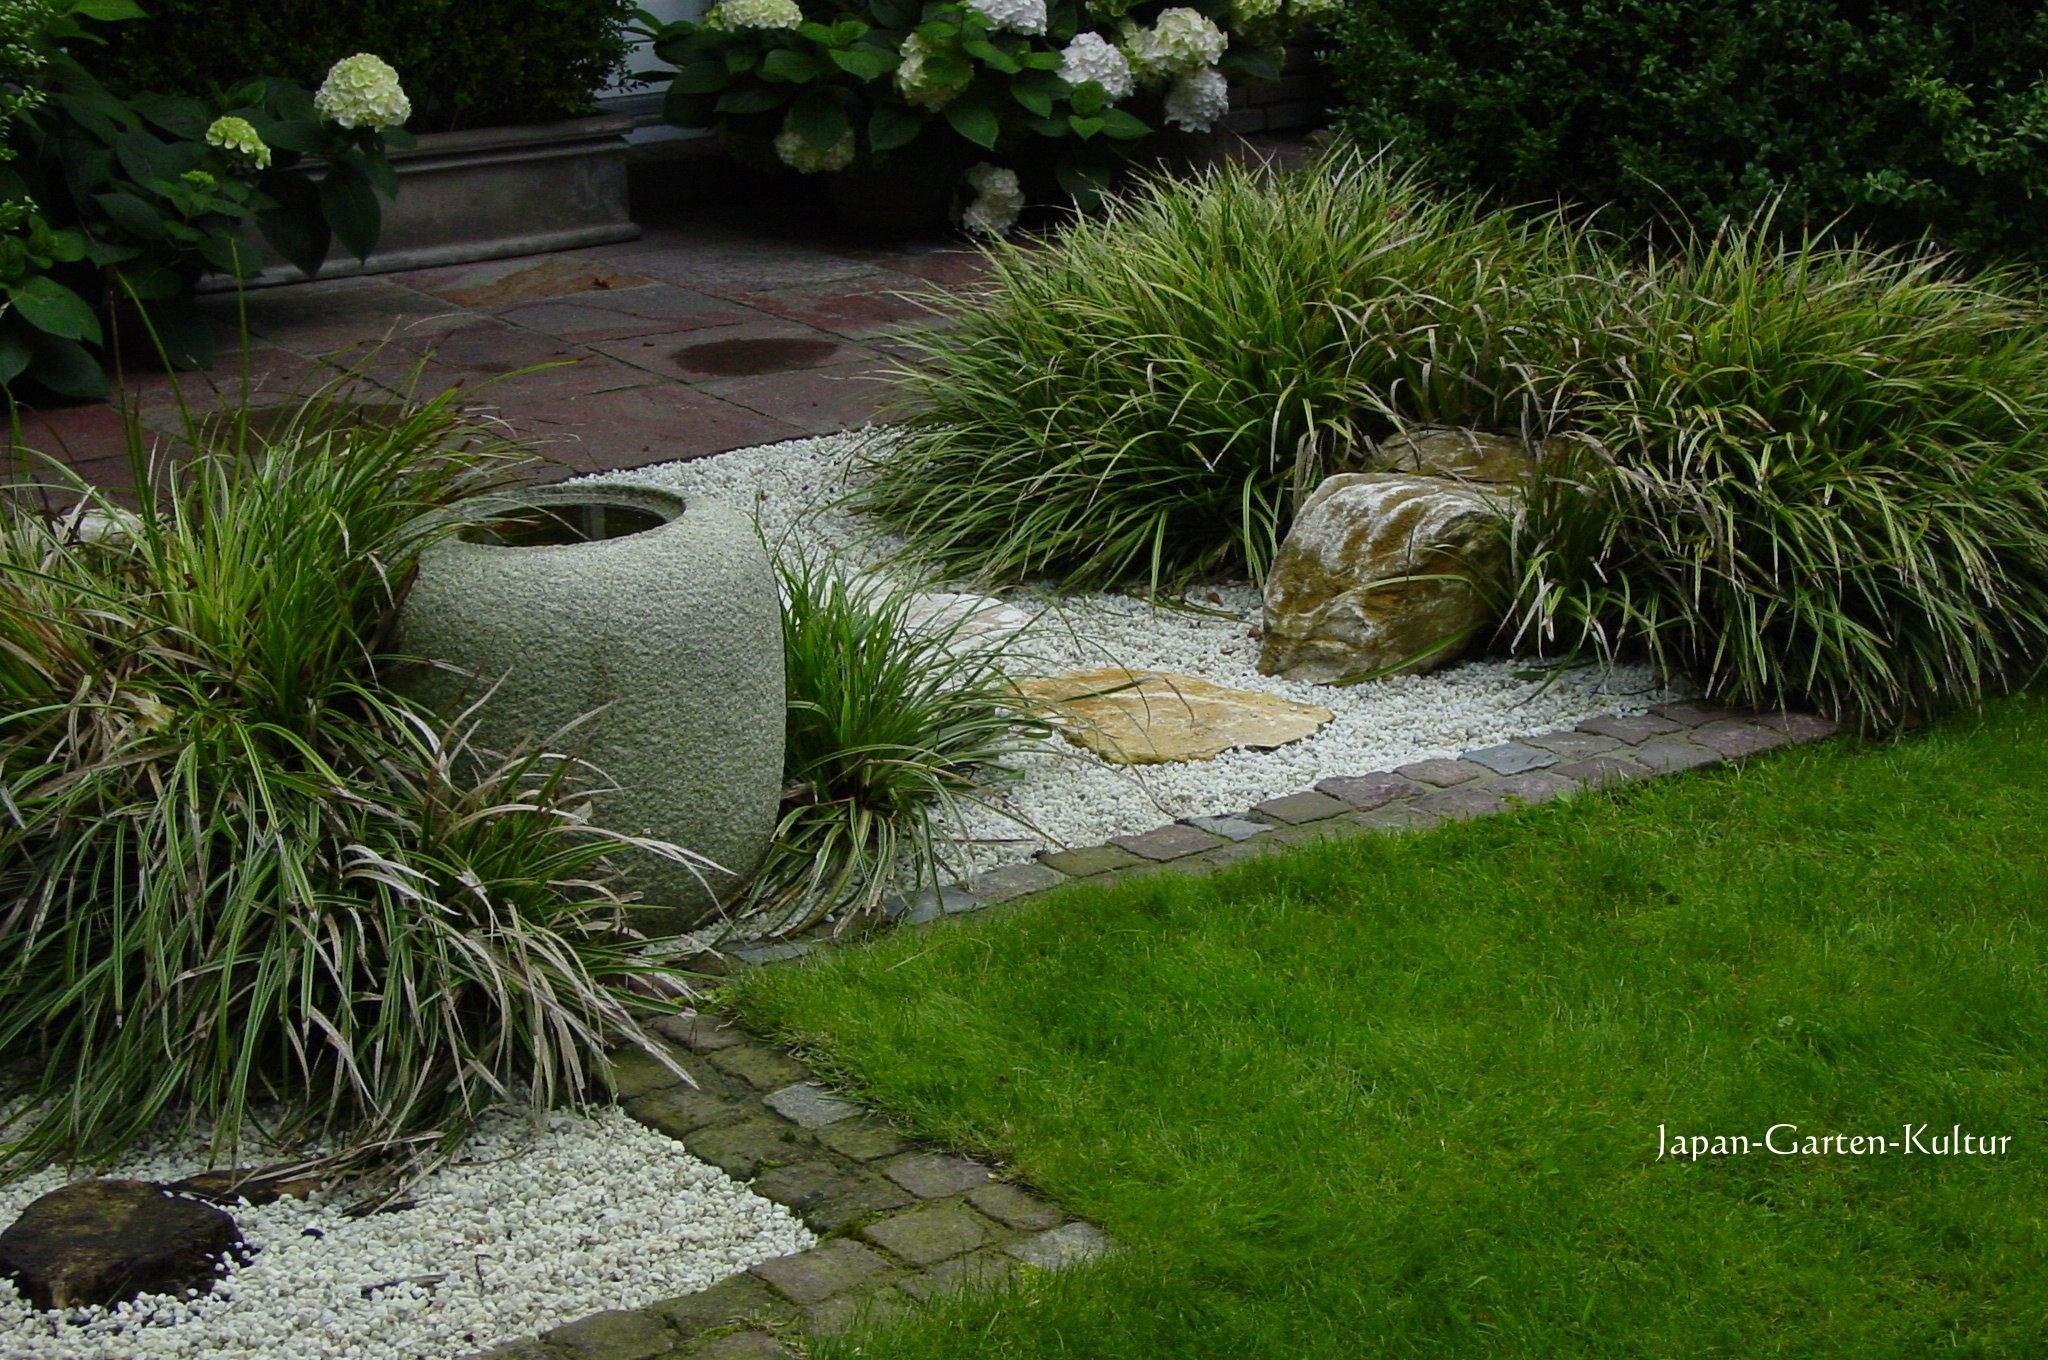 Japanische Gartengestaltung Schön 38 Neu Japanischer Garten Ideen Genial